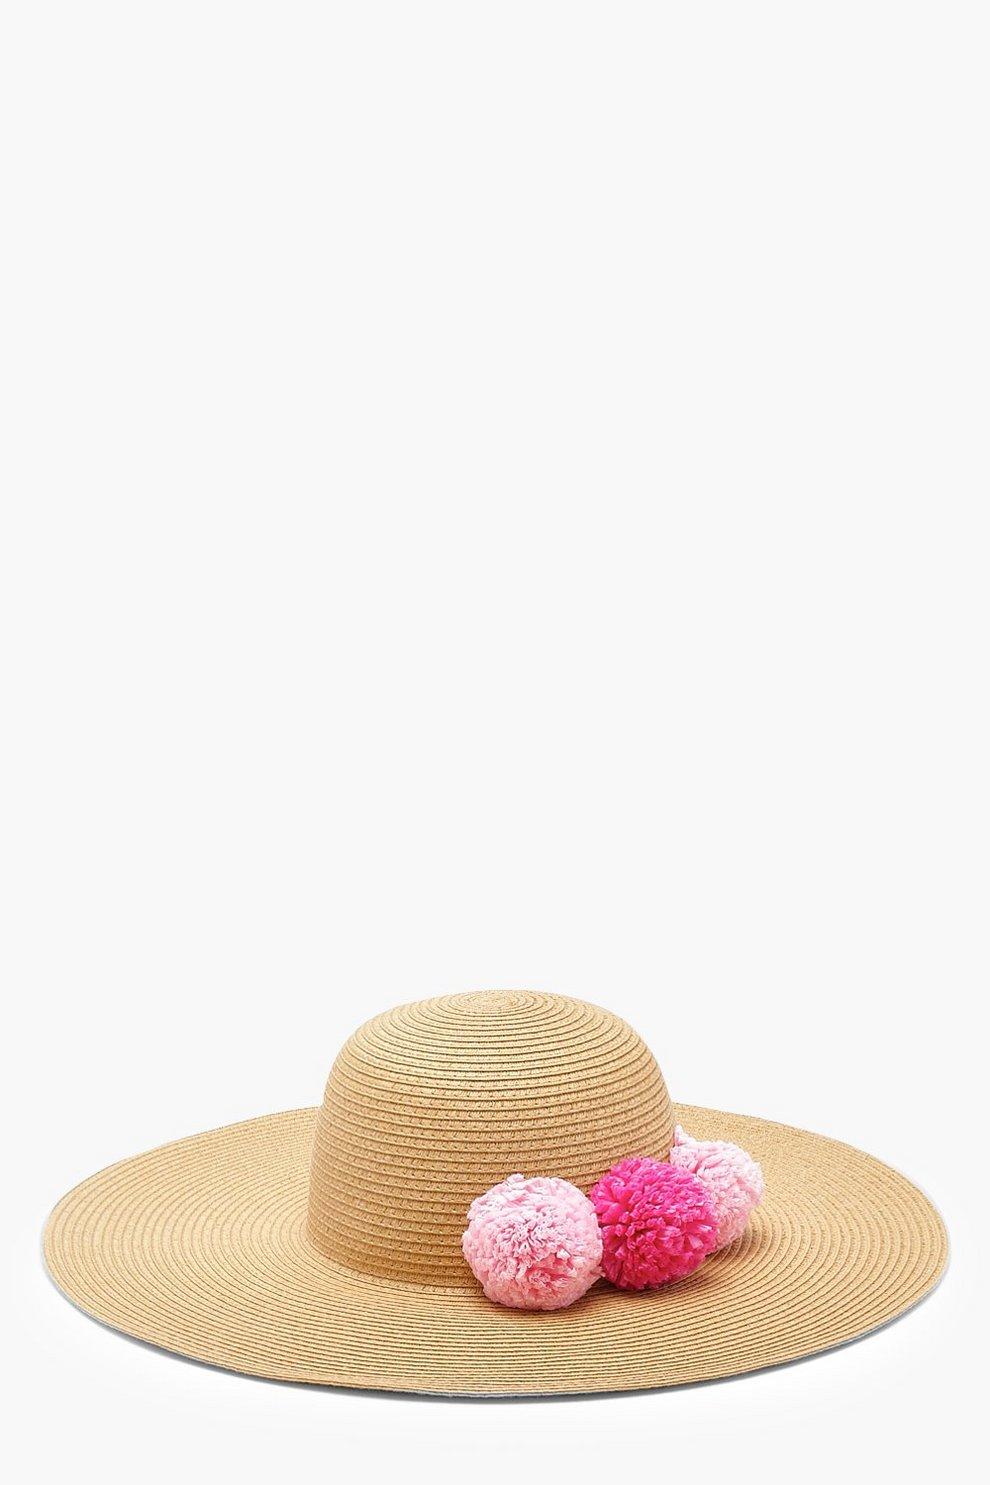 42561eb1d26da Straw Pom Pom Floppy Hat